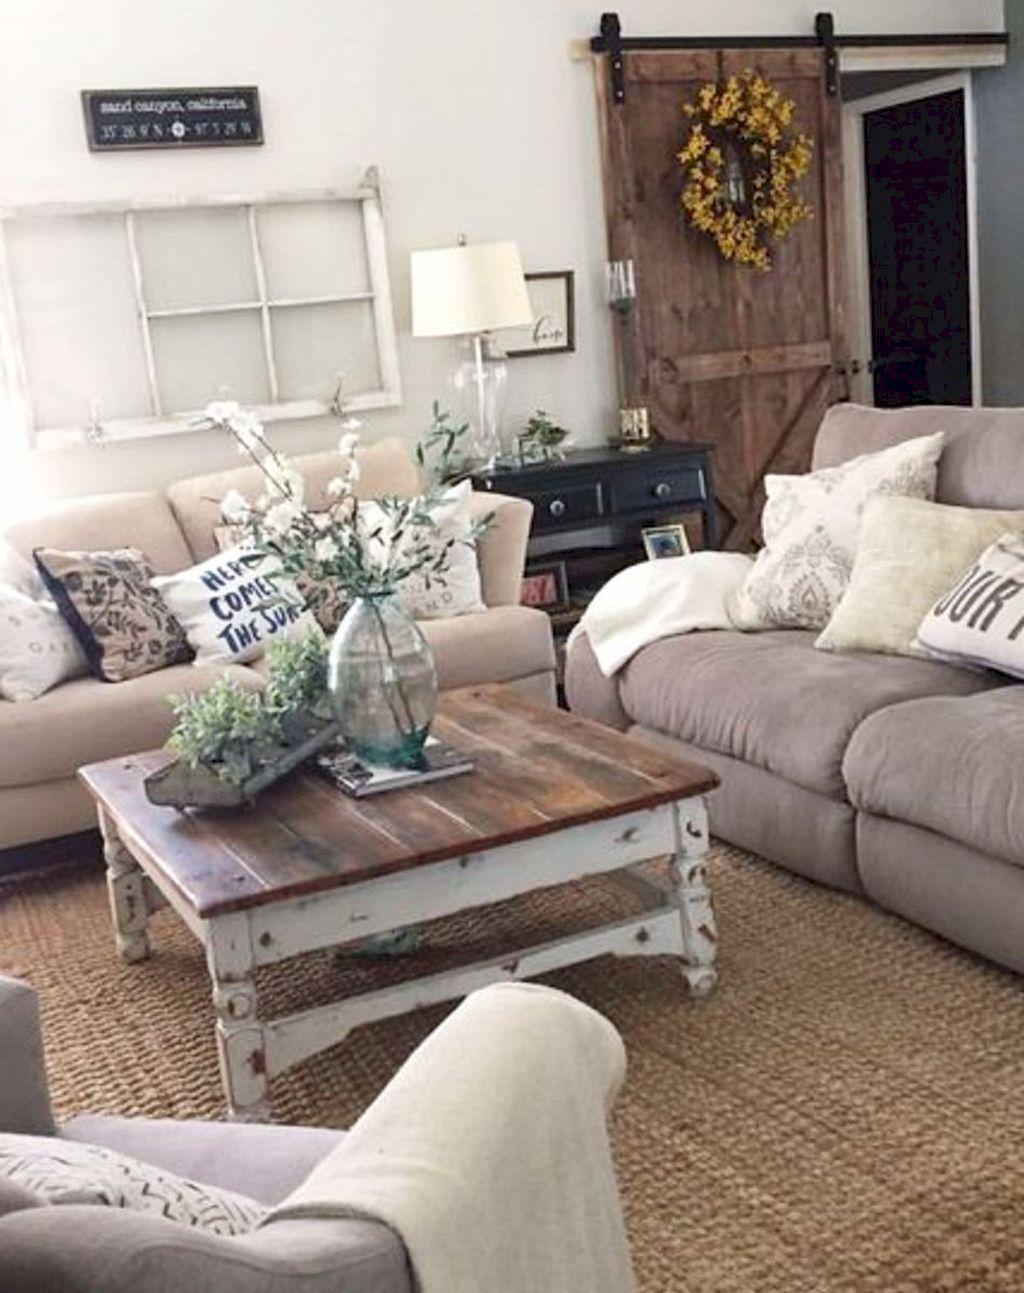 45 Cozy Modern Farmhouse Living Room Decor Ideas Farmhouse Decor Living Room Rustic Chic Living Room Modern Farmhouse Living Room Decor